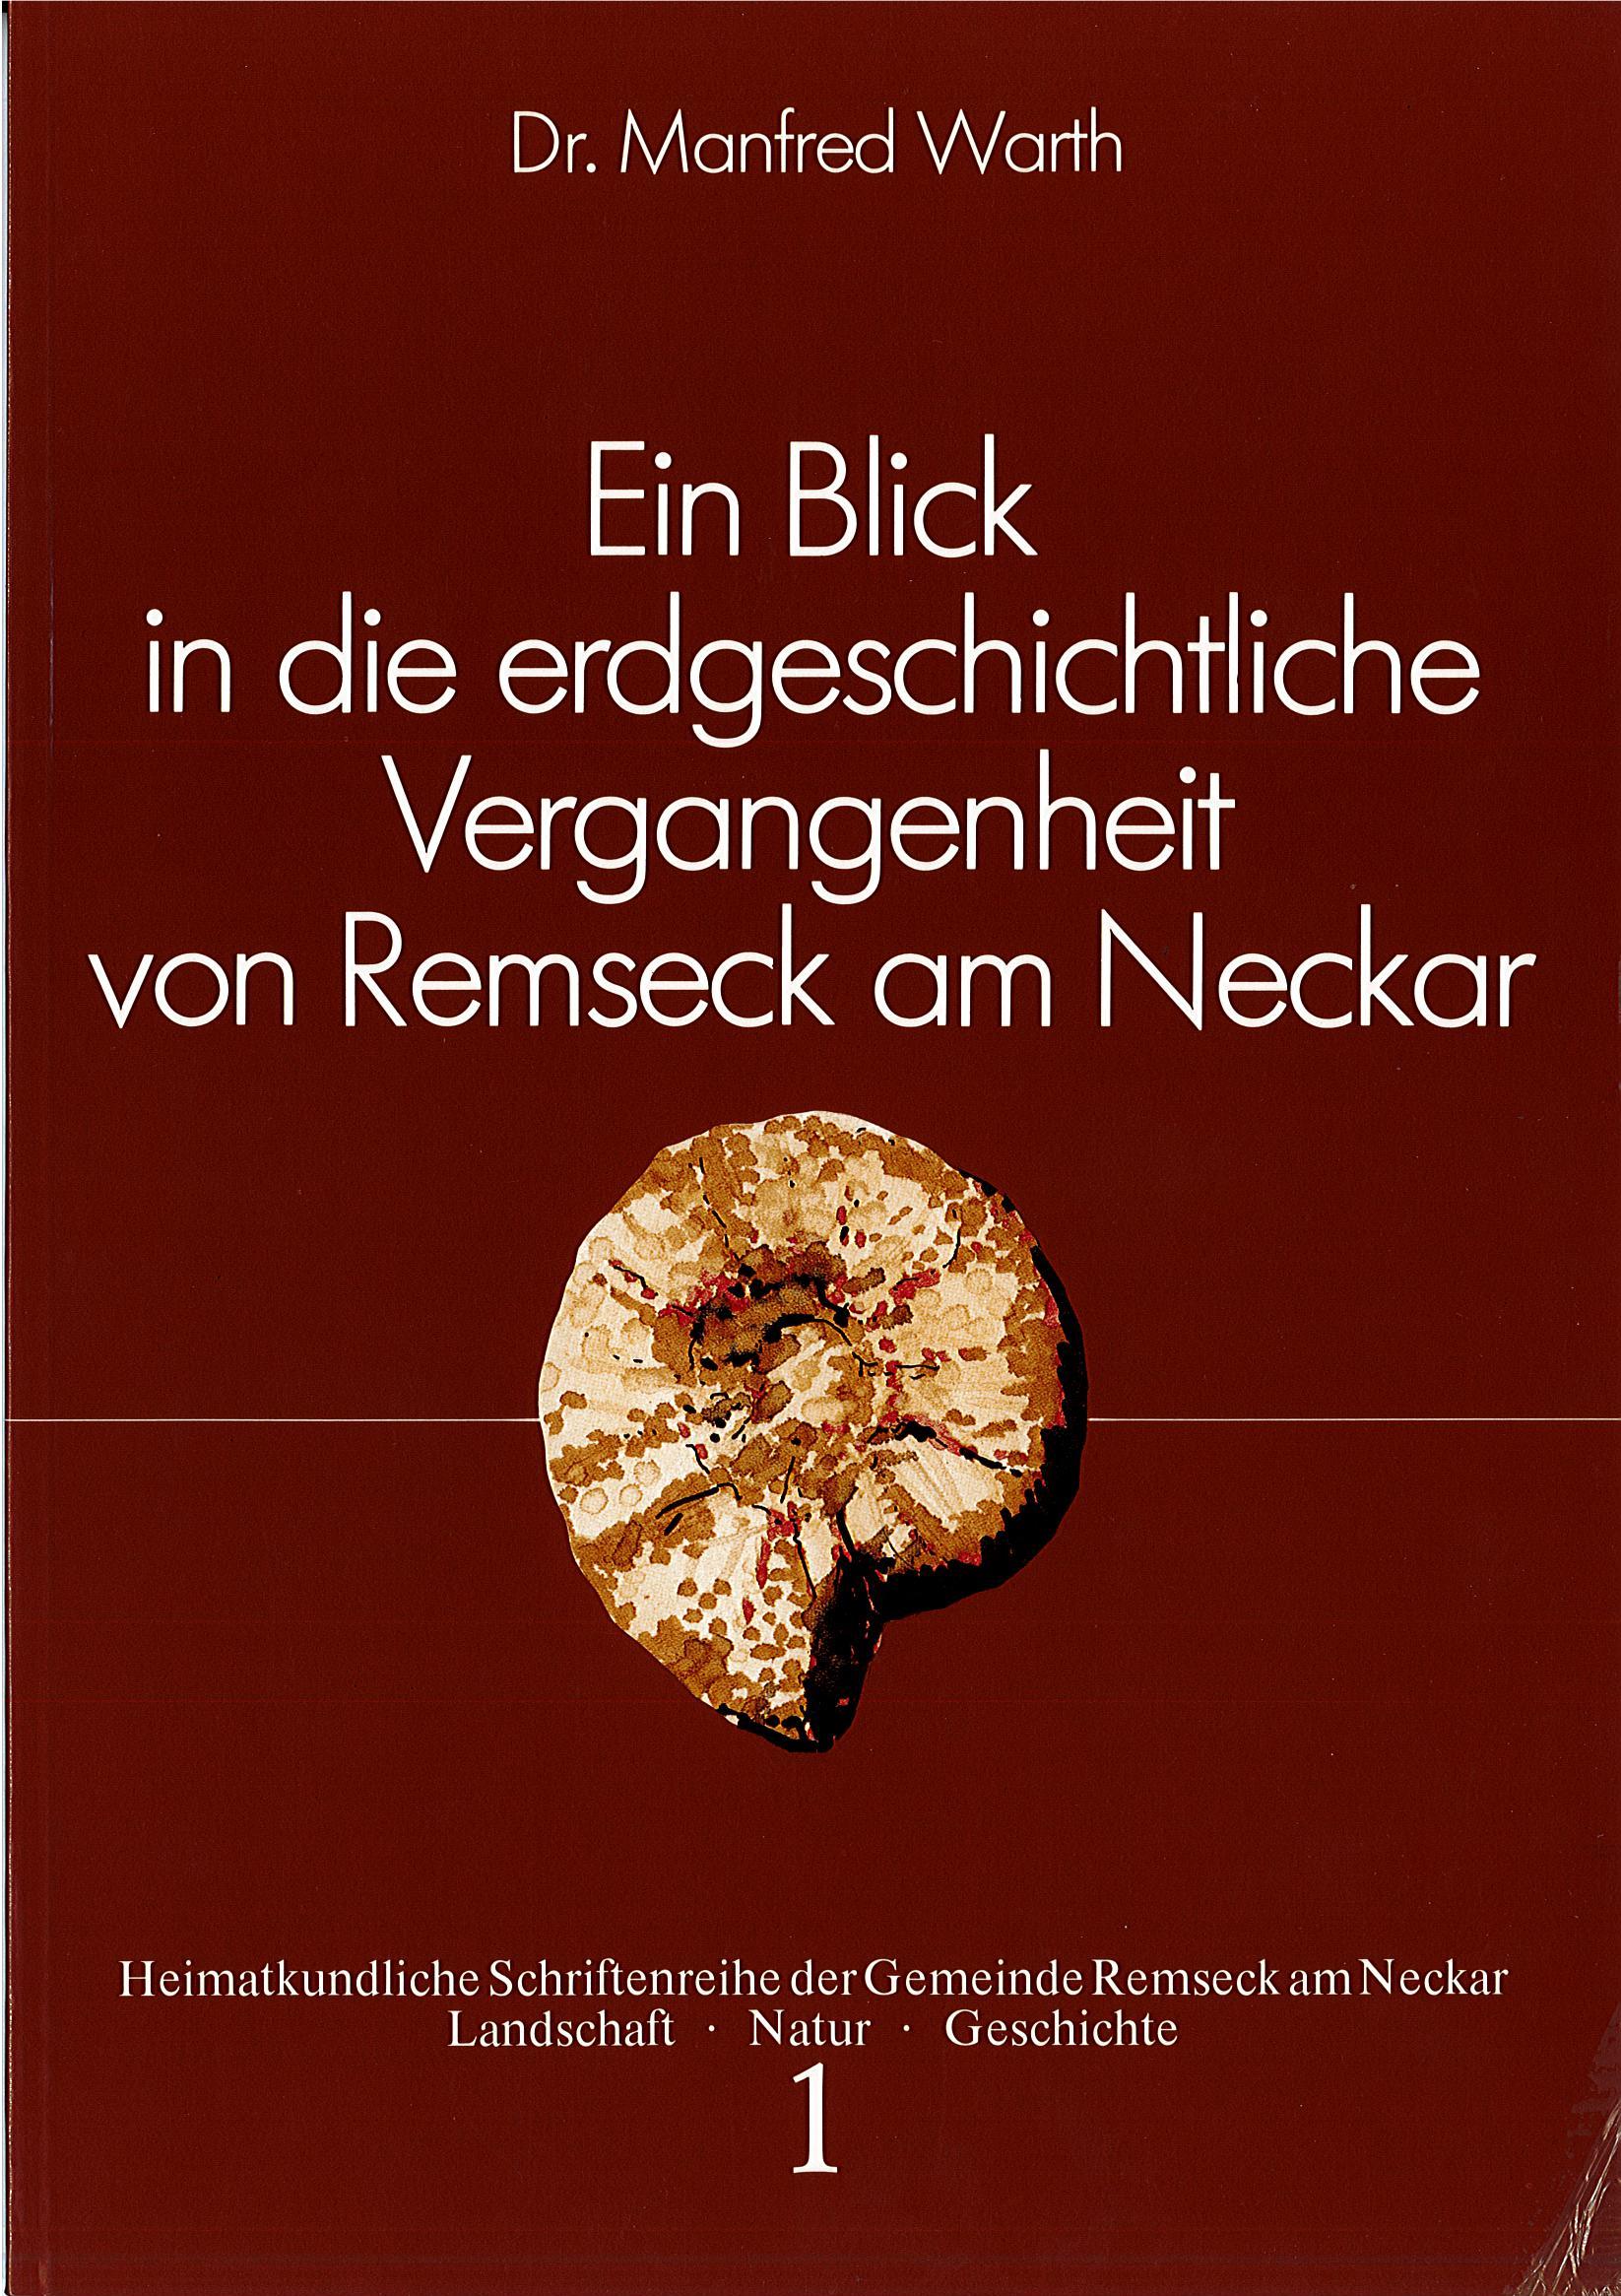 Dr. Manfred Warth: Ein Blick in die erdgeschichtliche Vergangenheit von Remseck am Neckar (Heimatkundliche Schriftenreihe, Band 1)